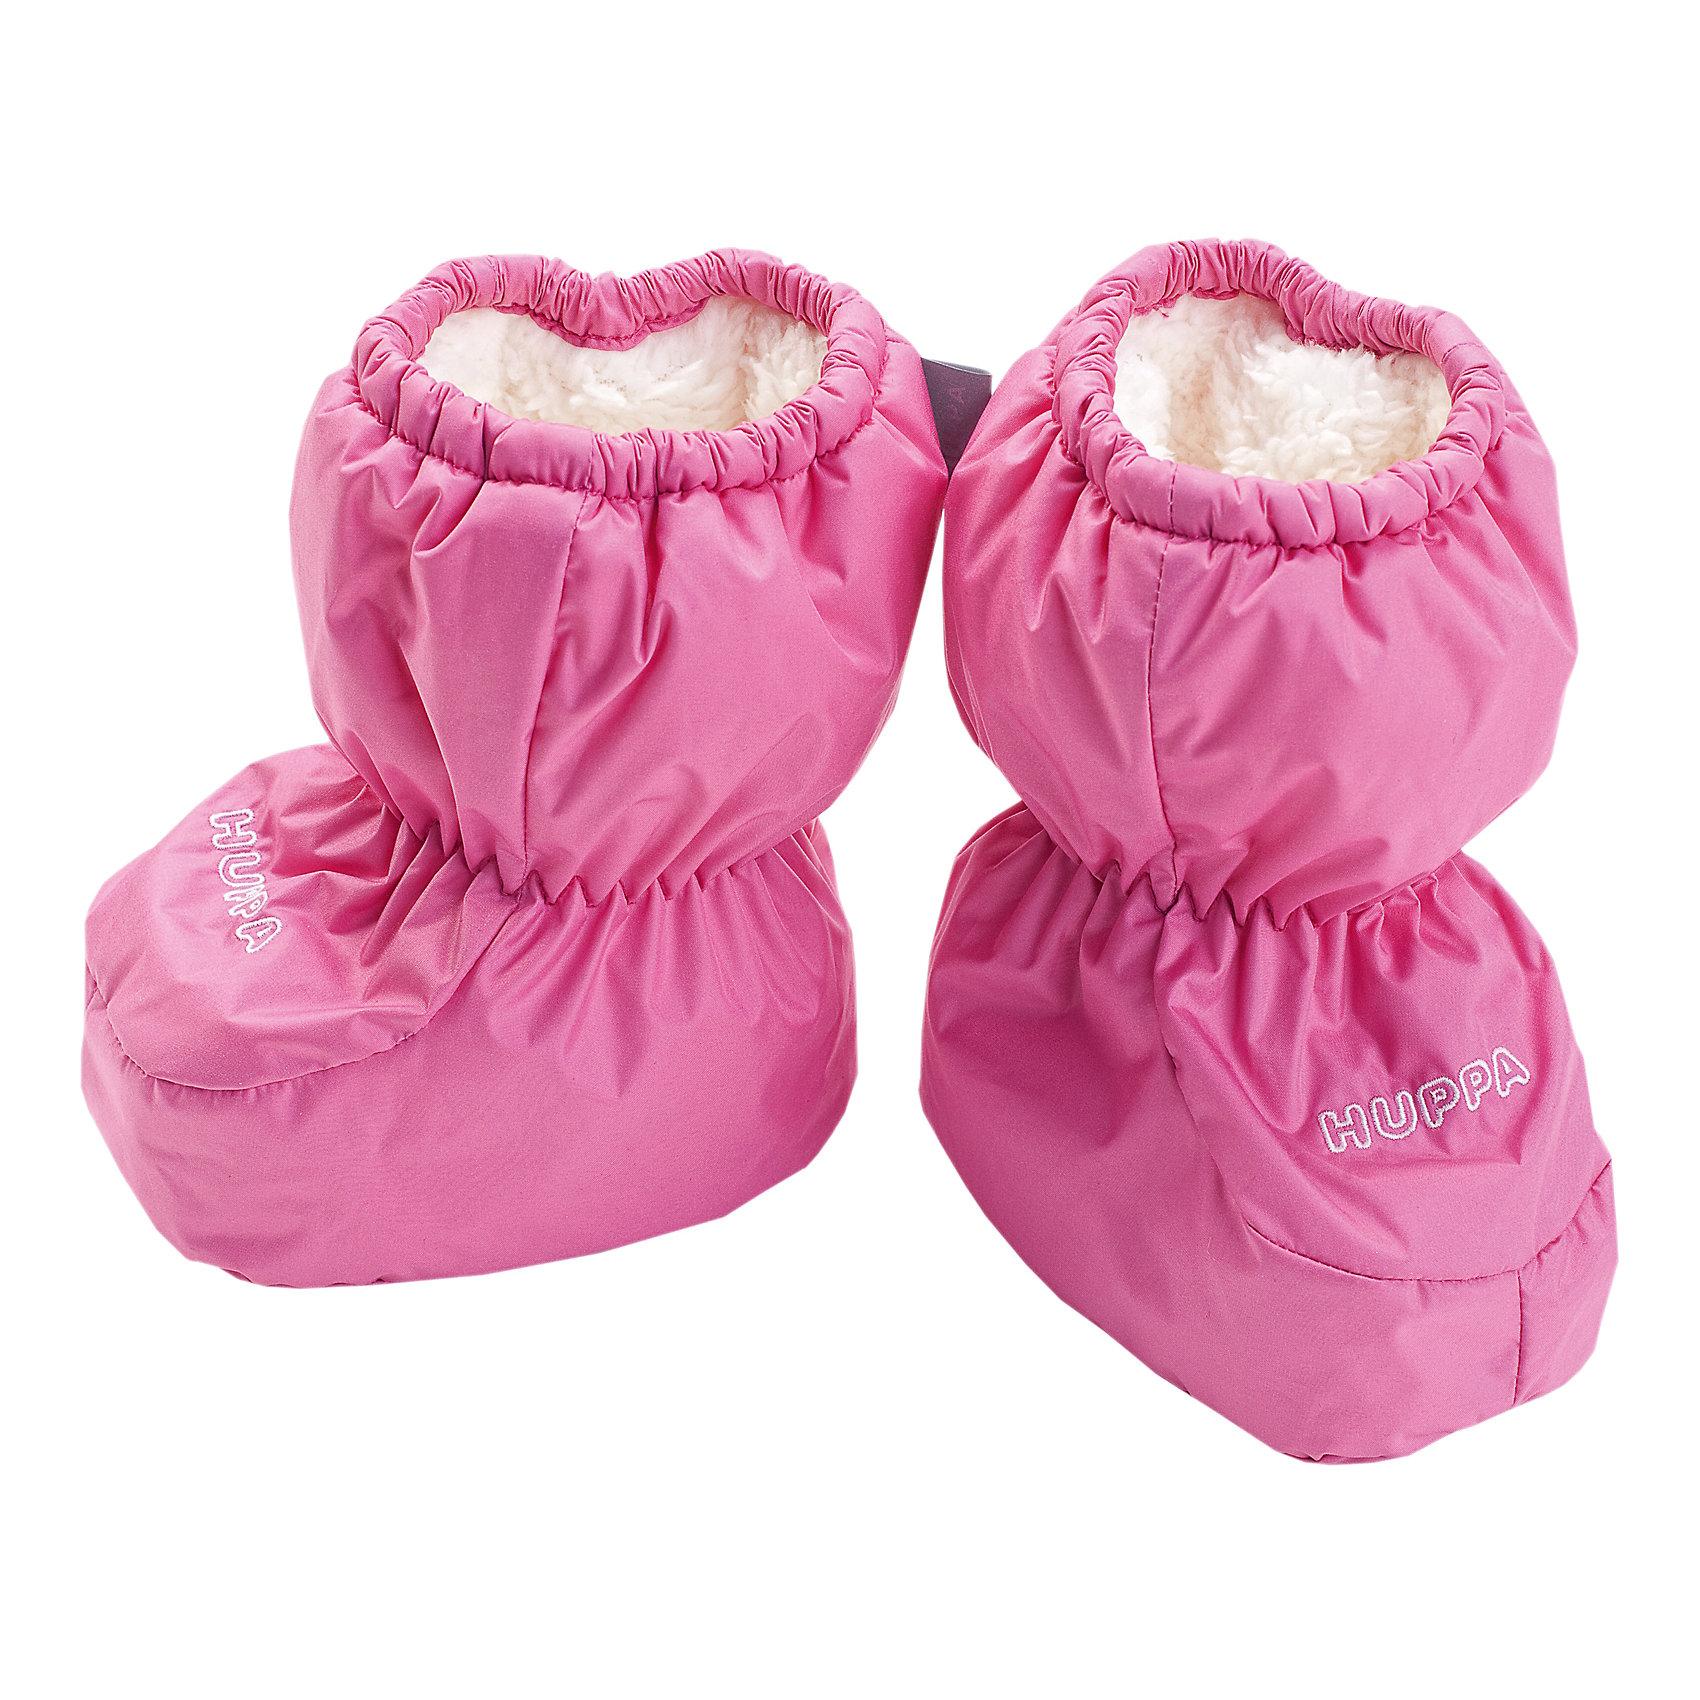 """Пинетки для девочки HuppaПинетки для младенцев ярких цветов с легким ватином. У пинеток мягкая подкладка из """"Coral-fleece"""" и хорошо дышащая и водоотталкивающая ткань. Для удобства ношения пинеток в центральную часть и по верхнему краю вшиты резинки, чтобы они хорошо держались на ножках, а в качестве украшения добавлена красивая вышивка Huppa (Хуппа).<br><br><br>Пинетки для девочки Huppa (Хуппа) можно купить в нашем магазине.<br><br>Ширина мм: 162<br>Глубина мм: 171<br>Высота мм: 55<br>Вес г: 119<br>Цвет: розовый<br>Возраст от месяцев: 0<br>Возраст до месяцев: 6<br>Пол: Женский<br>Возраст: Детский<br>Размер: one size<br>SKU: 4243088"""